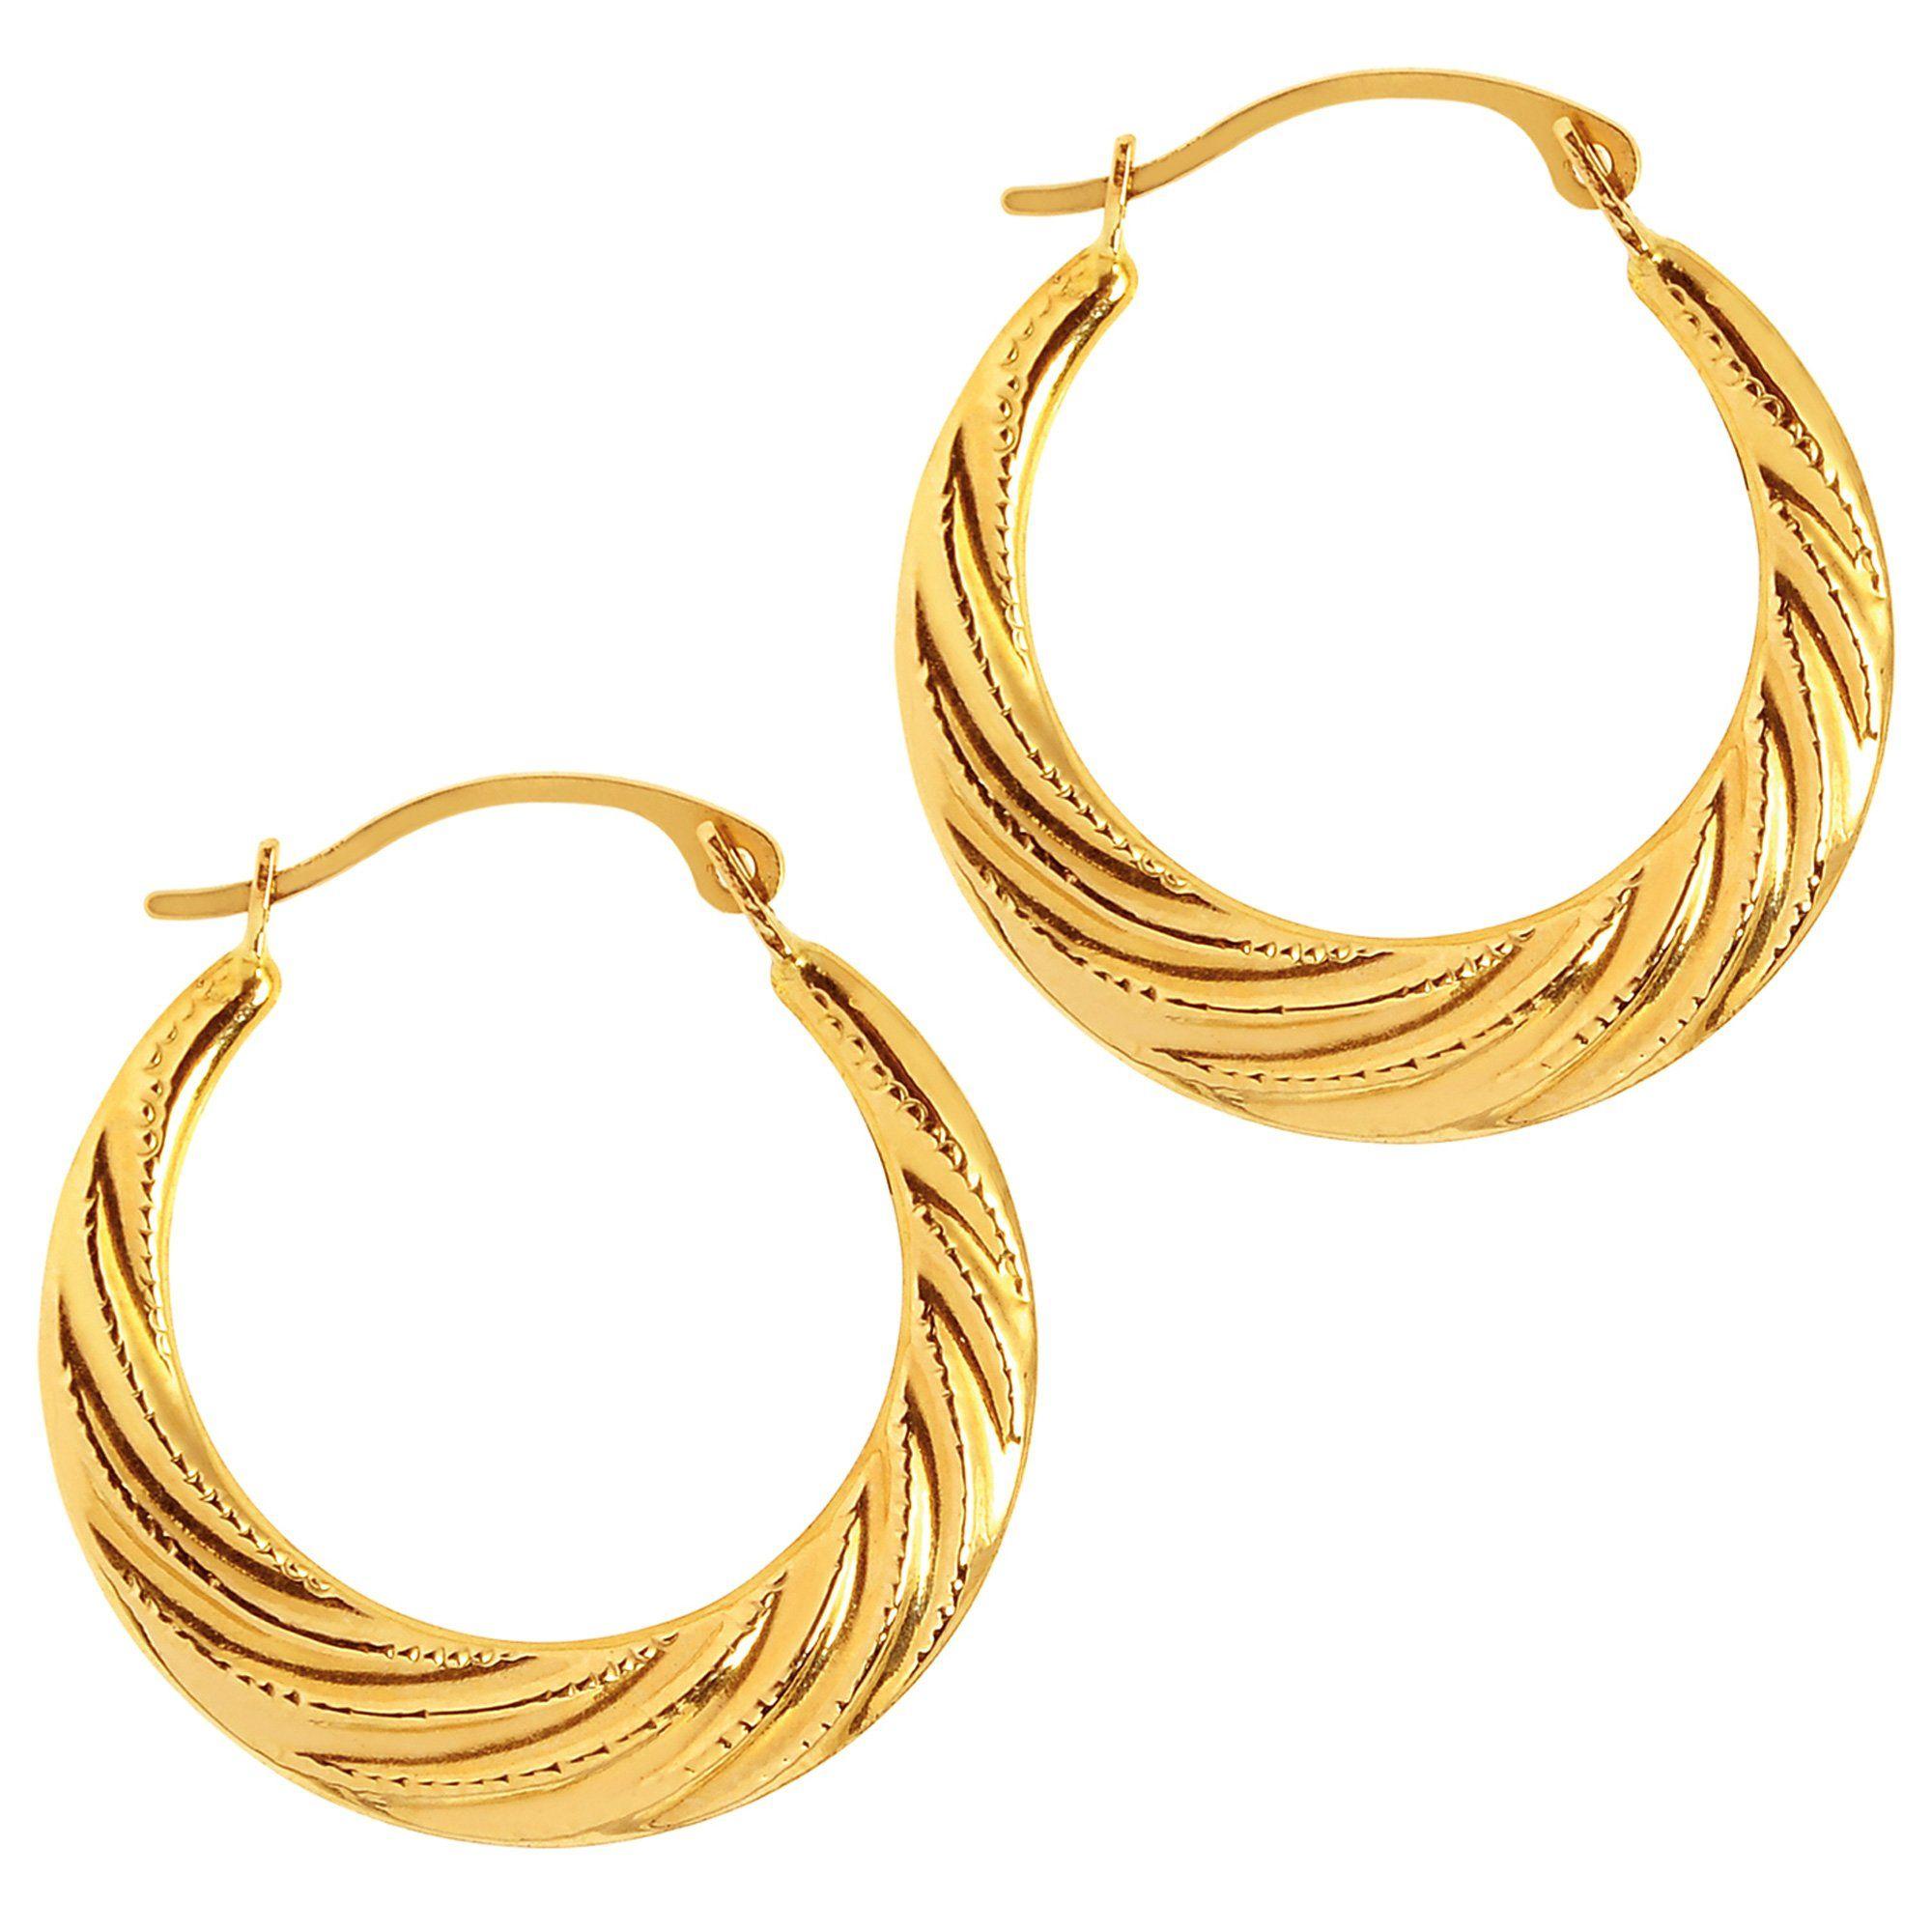 14k Yellow Gold Hoop Earrings 20mm Diameter